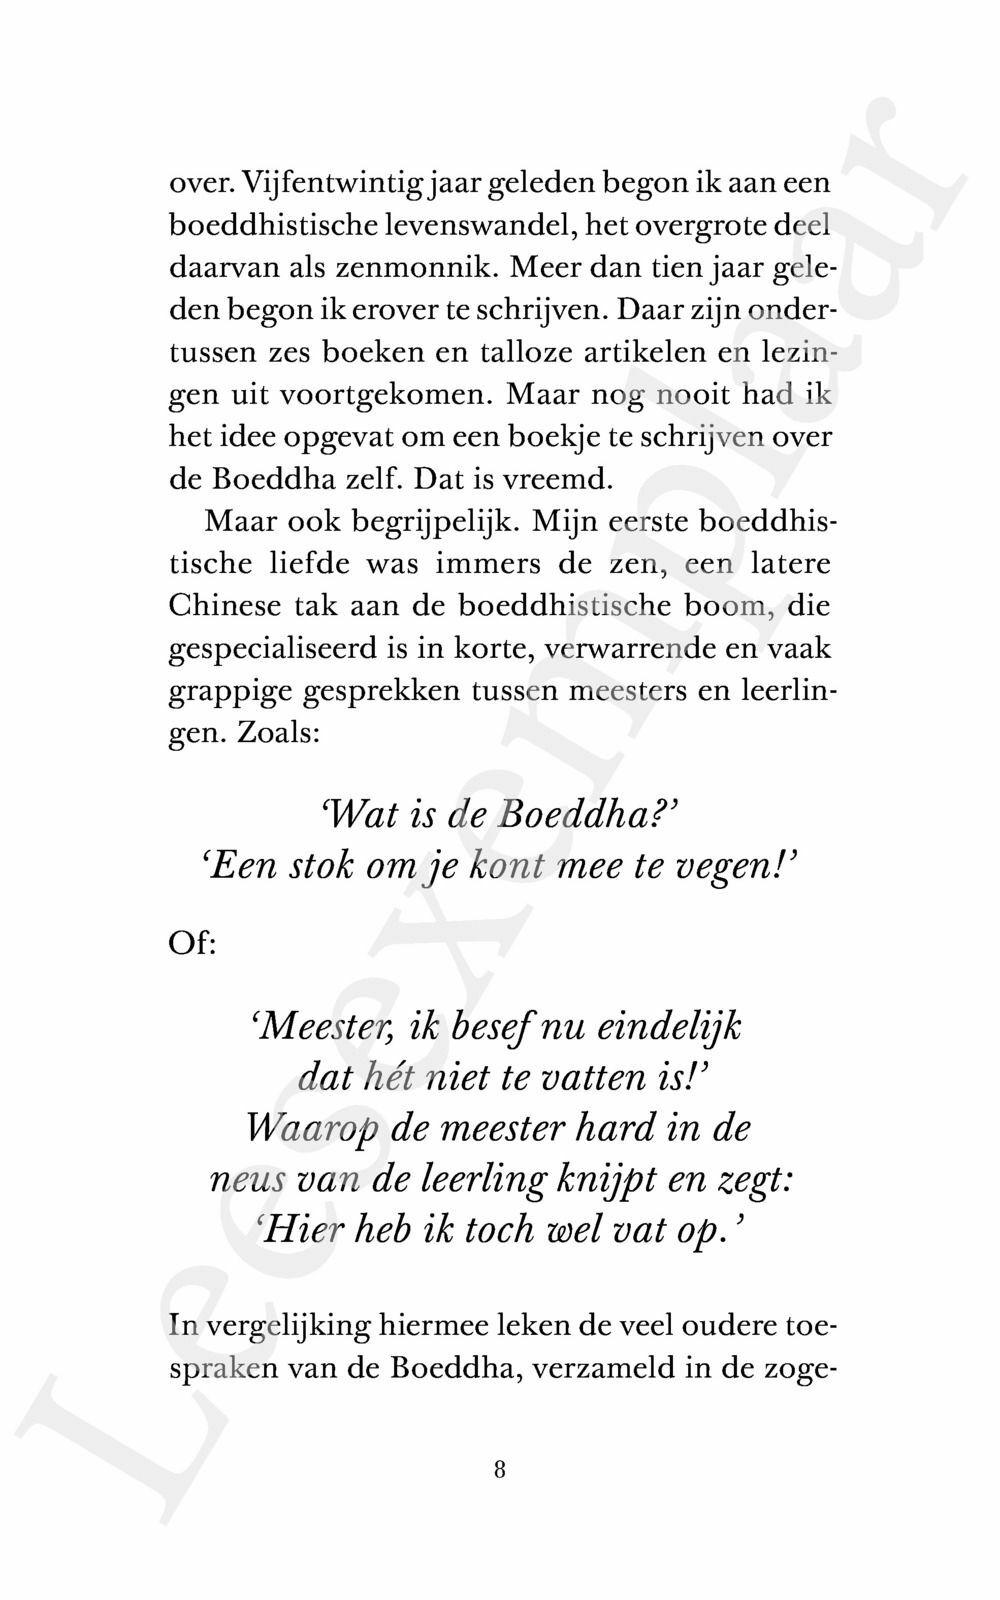 Preview: Wat kan ik leren van de Boeddha?